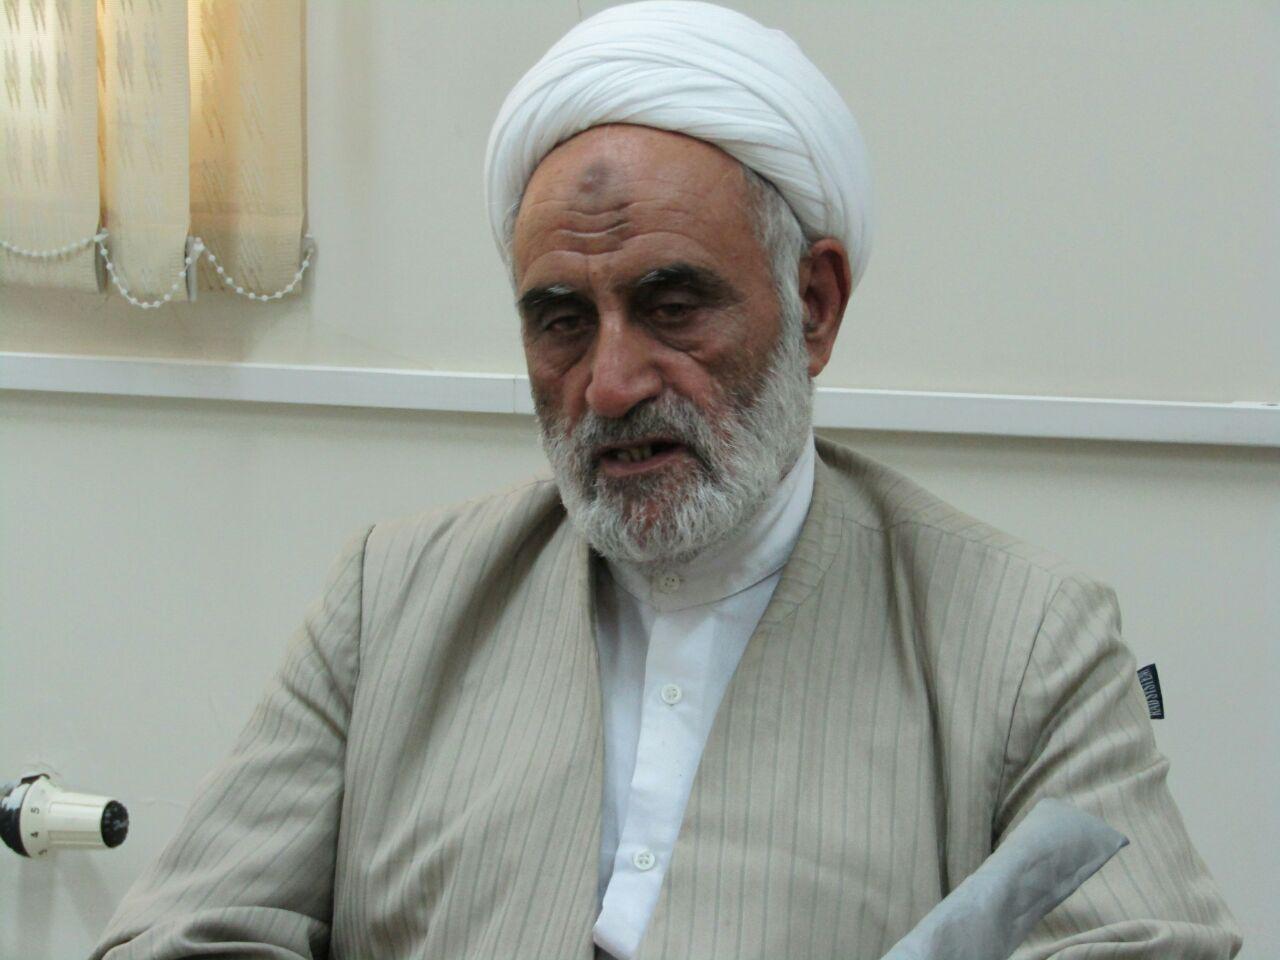 حجتالاسلام حسنعلی عربی-مسؤول دفتر نظارت شورای نگهبان در استان سمنان